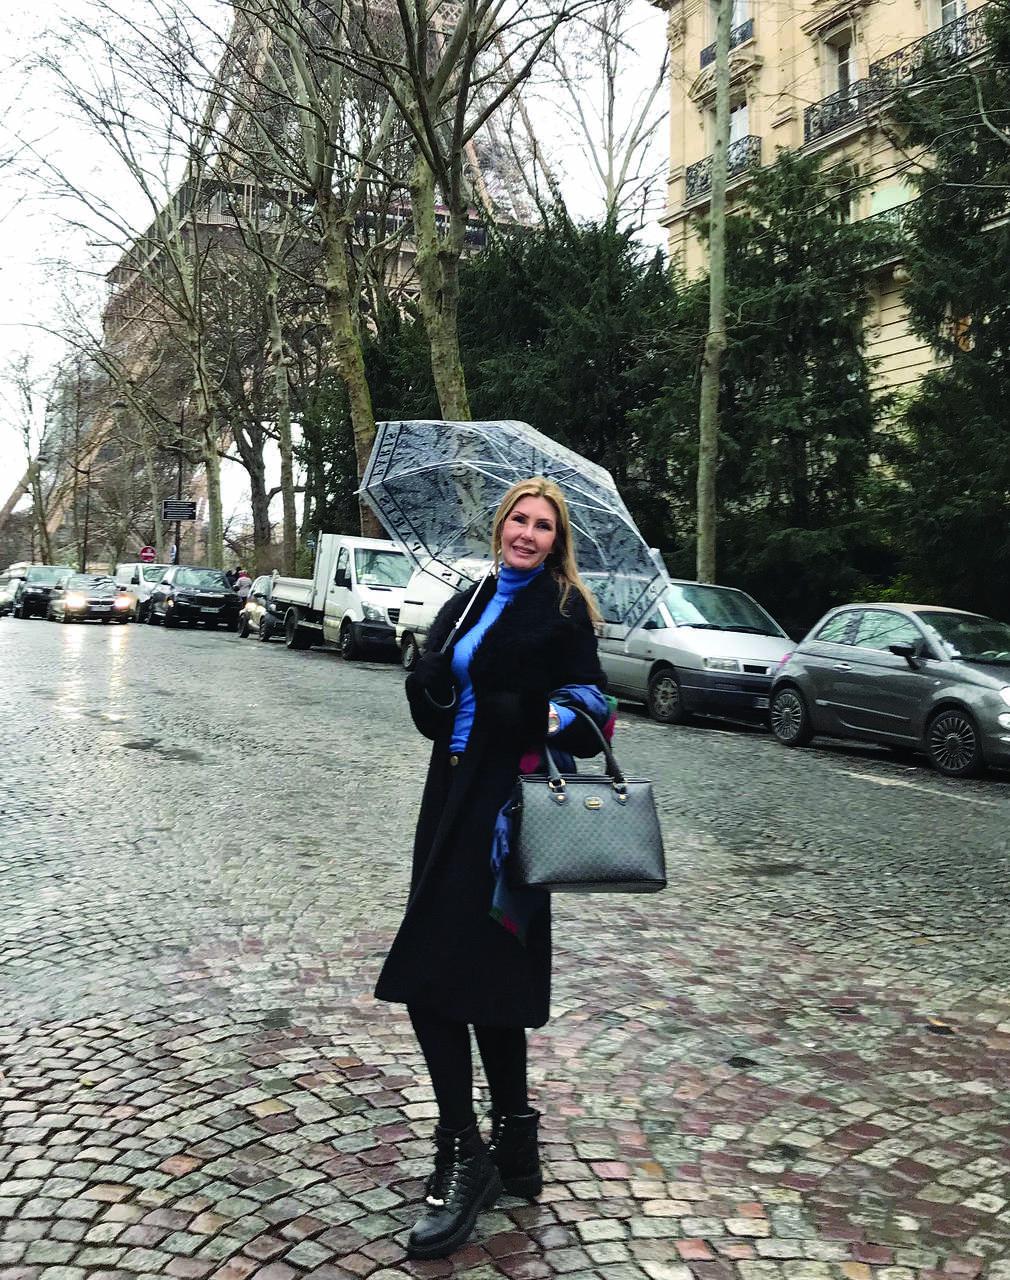 A dermatologista Christina Drummond esteve em Paris, onde participou do evento do mundo na área de dermatologia estética. Foto: Divulgação